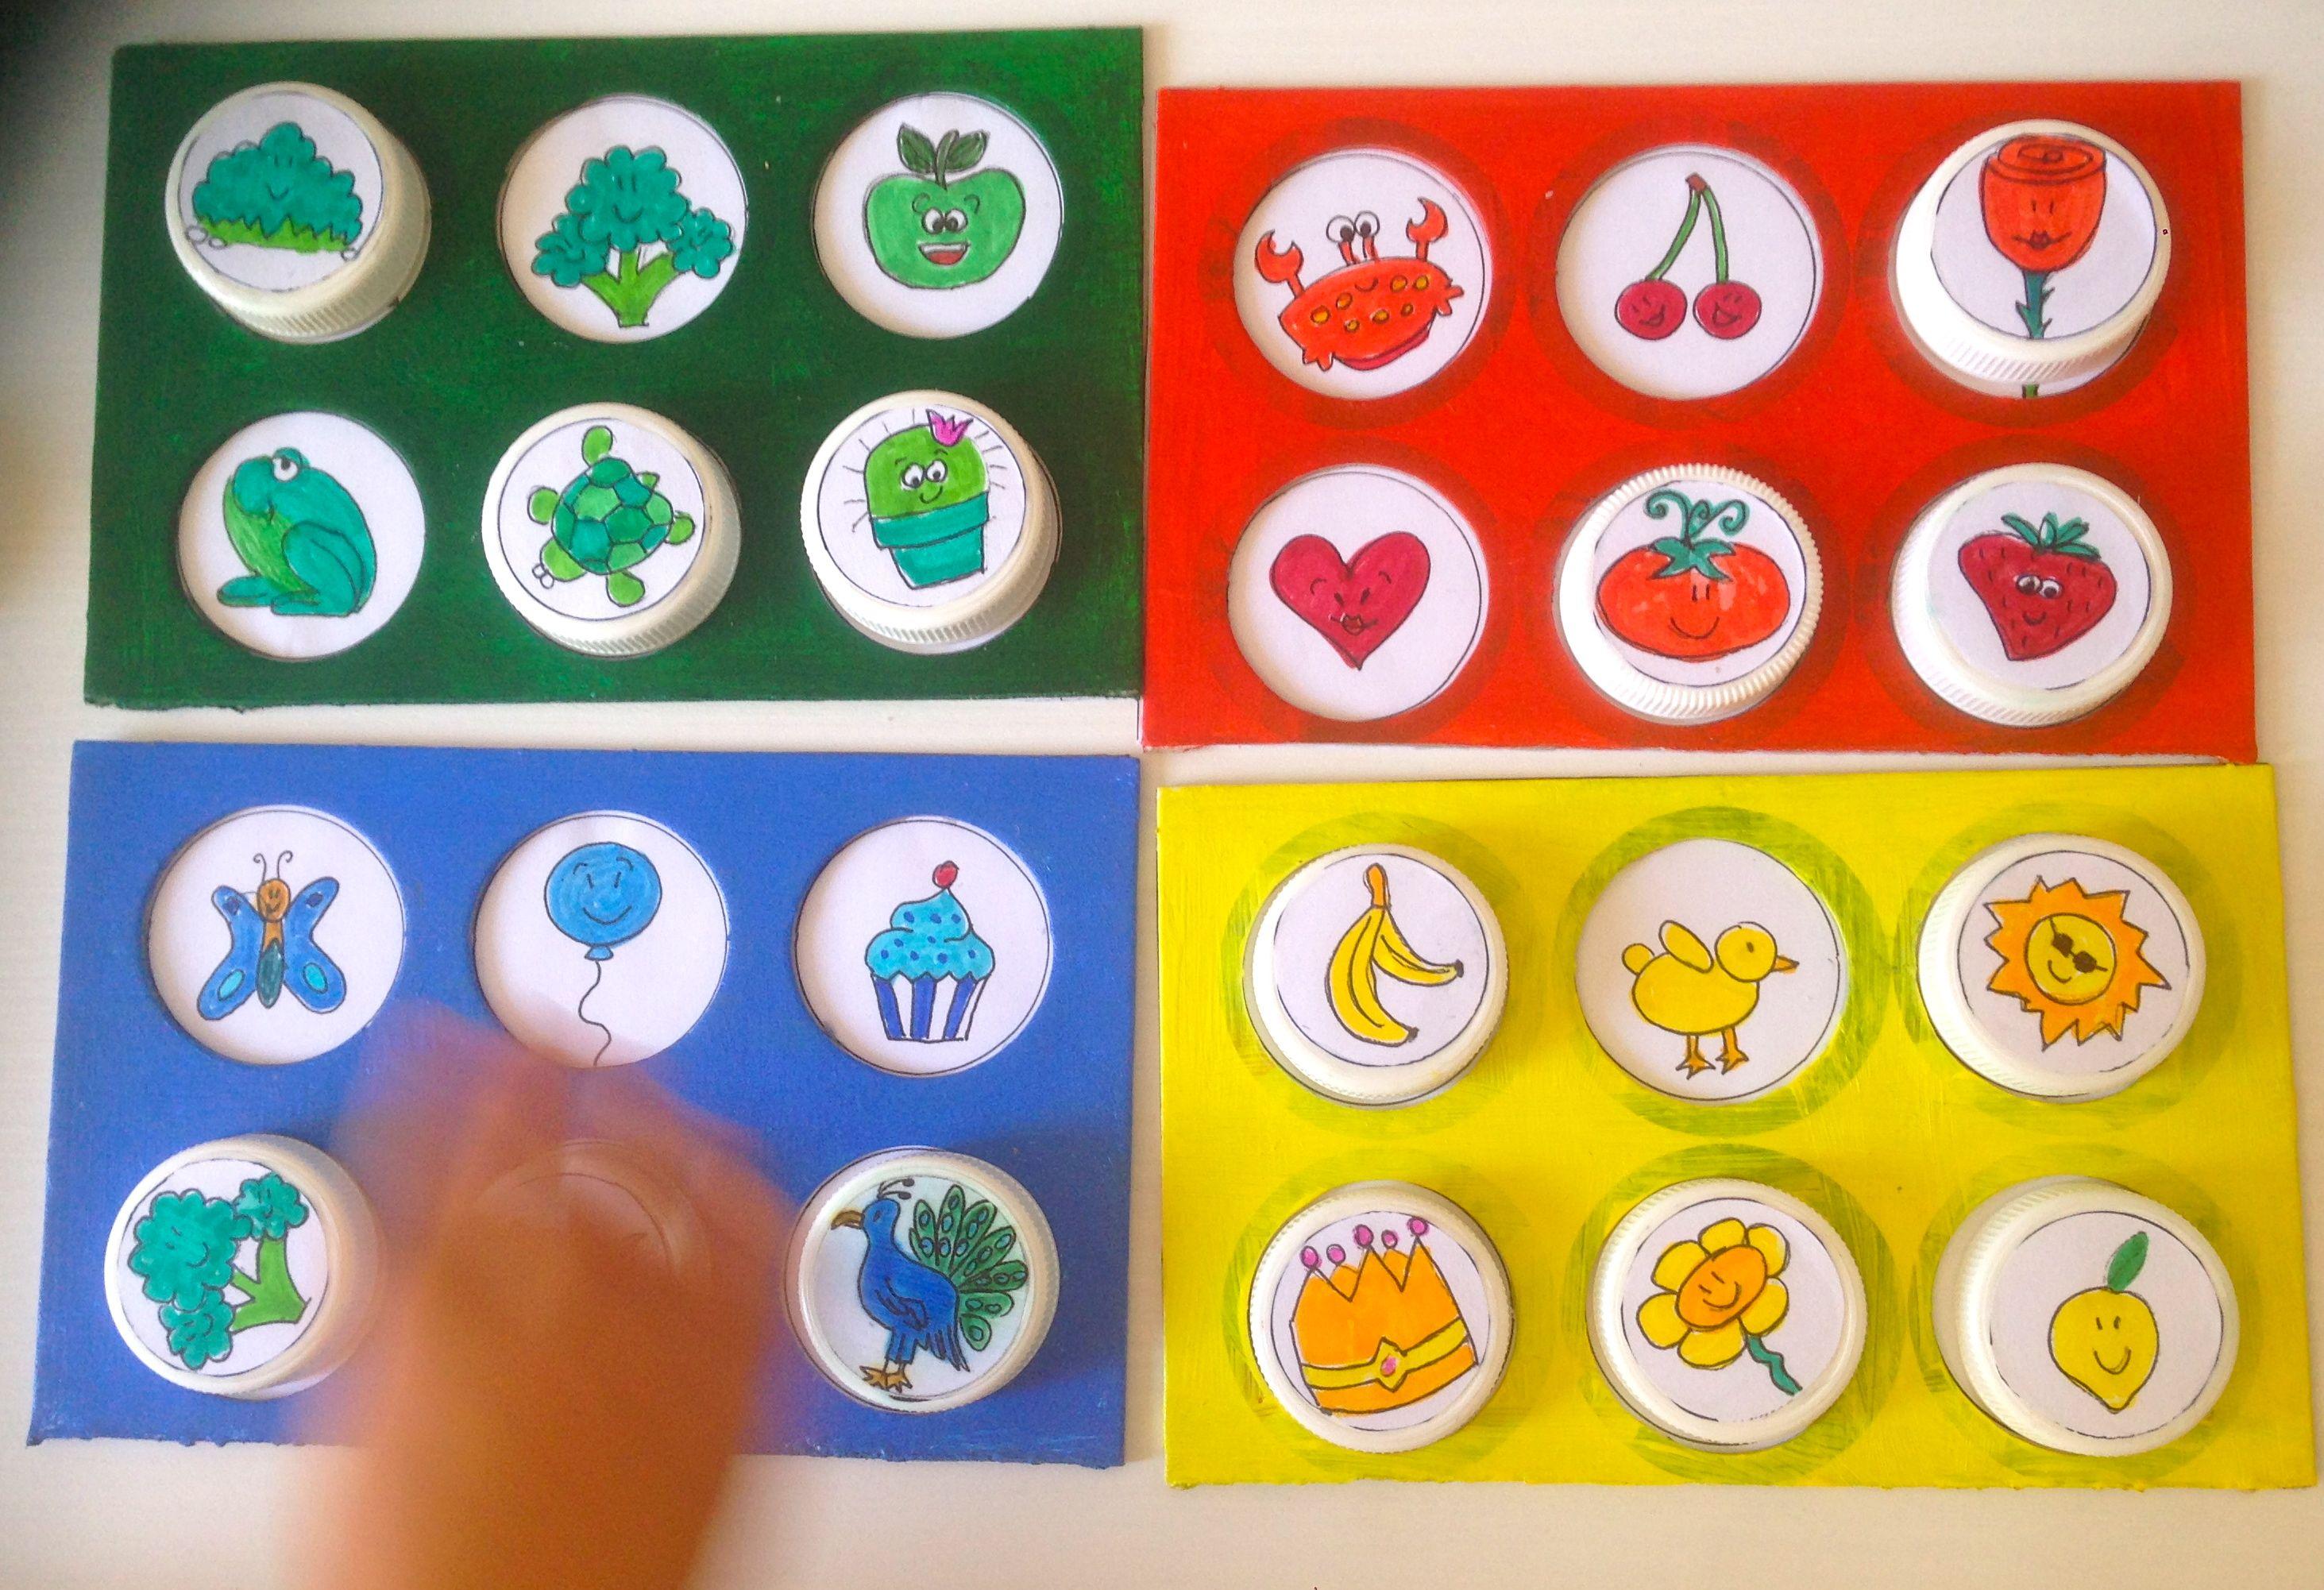 Tombola Bingo Dei Colori Realizzata Con Materiali Di Recupero E